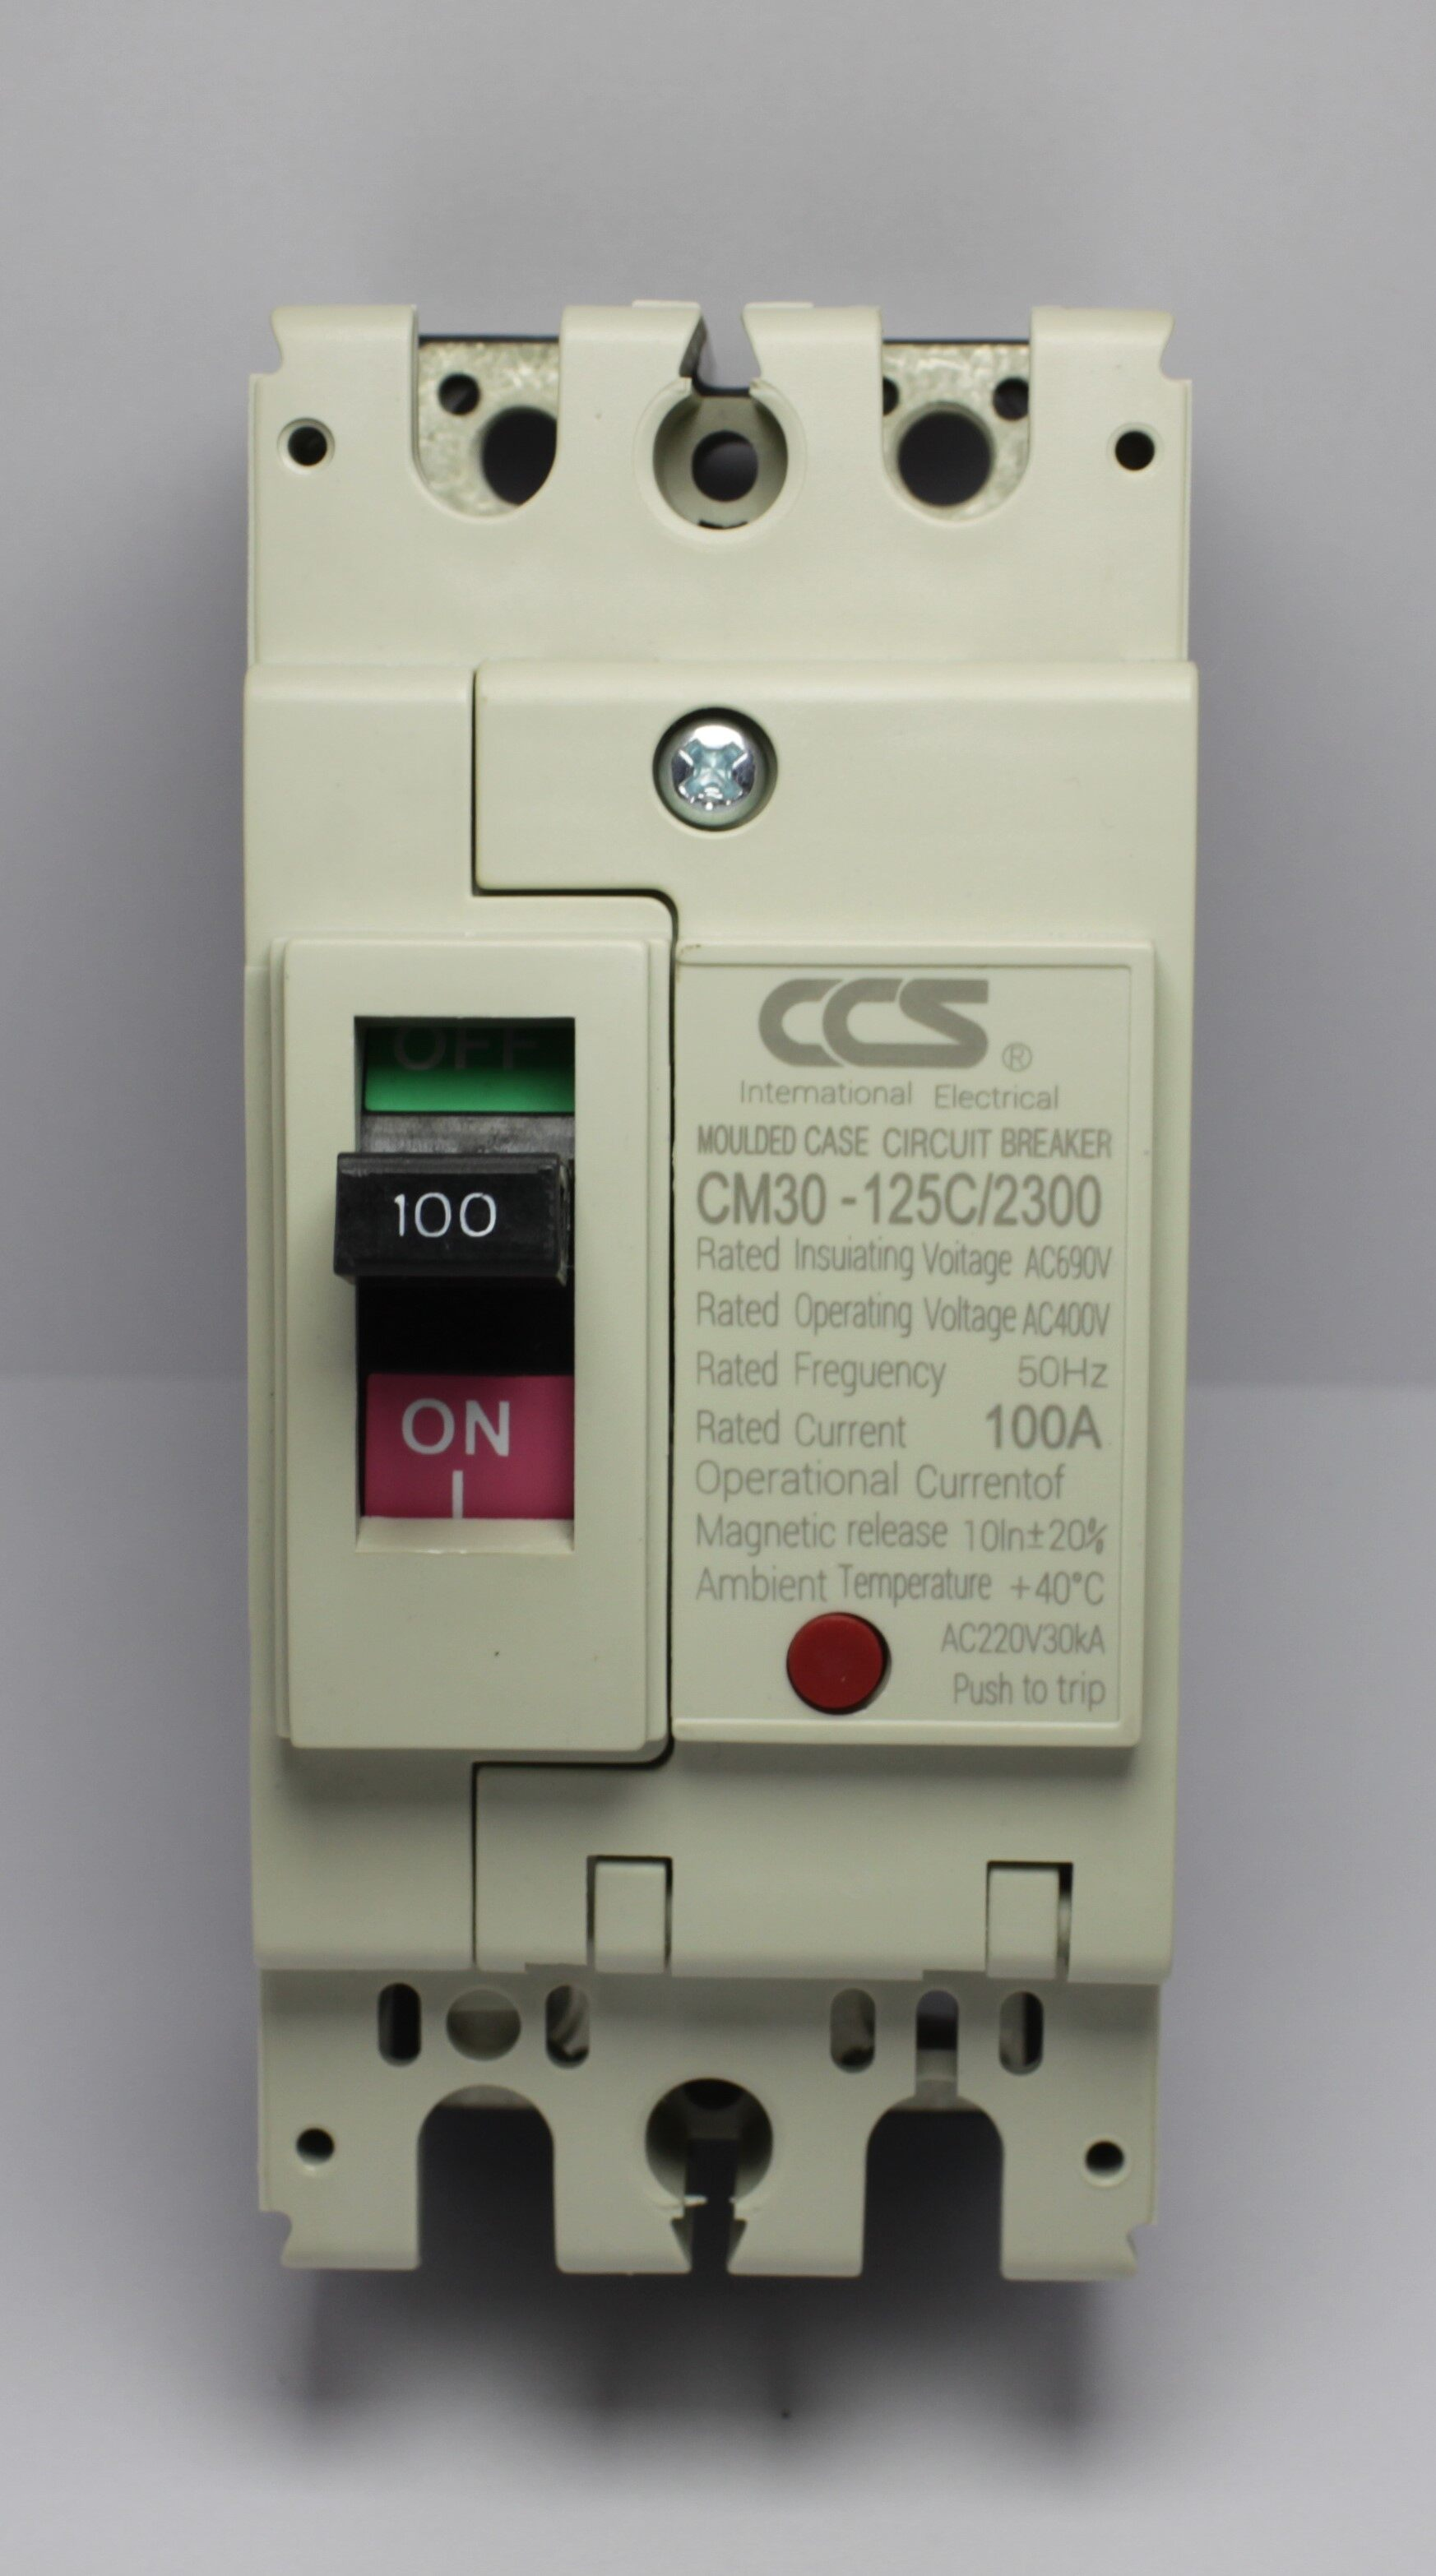 เมนเบรกเกอร์ Ccs โนฟิวเบรกเกอร์ Cm30-125cw 2p แบรนด์ Ccs.